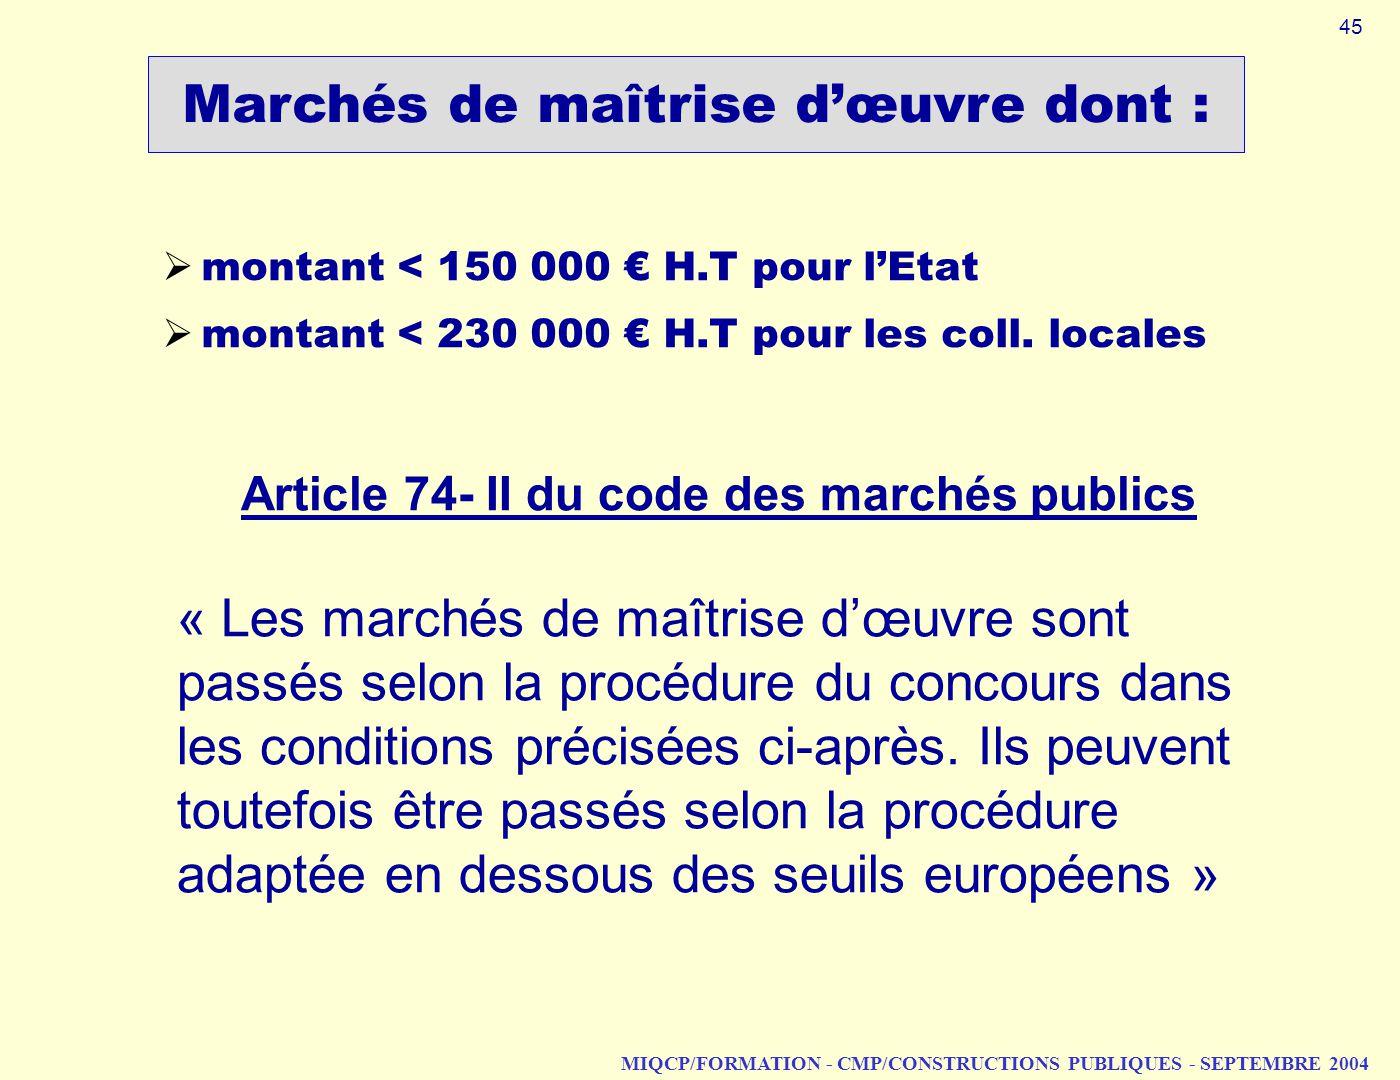 MIQCP/FORMATION - CMP/CONSTRUCTIONS PUBLIQUES - SEPTEMBRE 2004 montant < 150 000 H.T pour lEtat montant < 230 000 H.T pour les coll. locales Marchés d